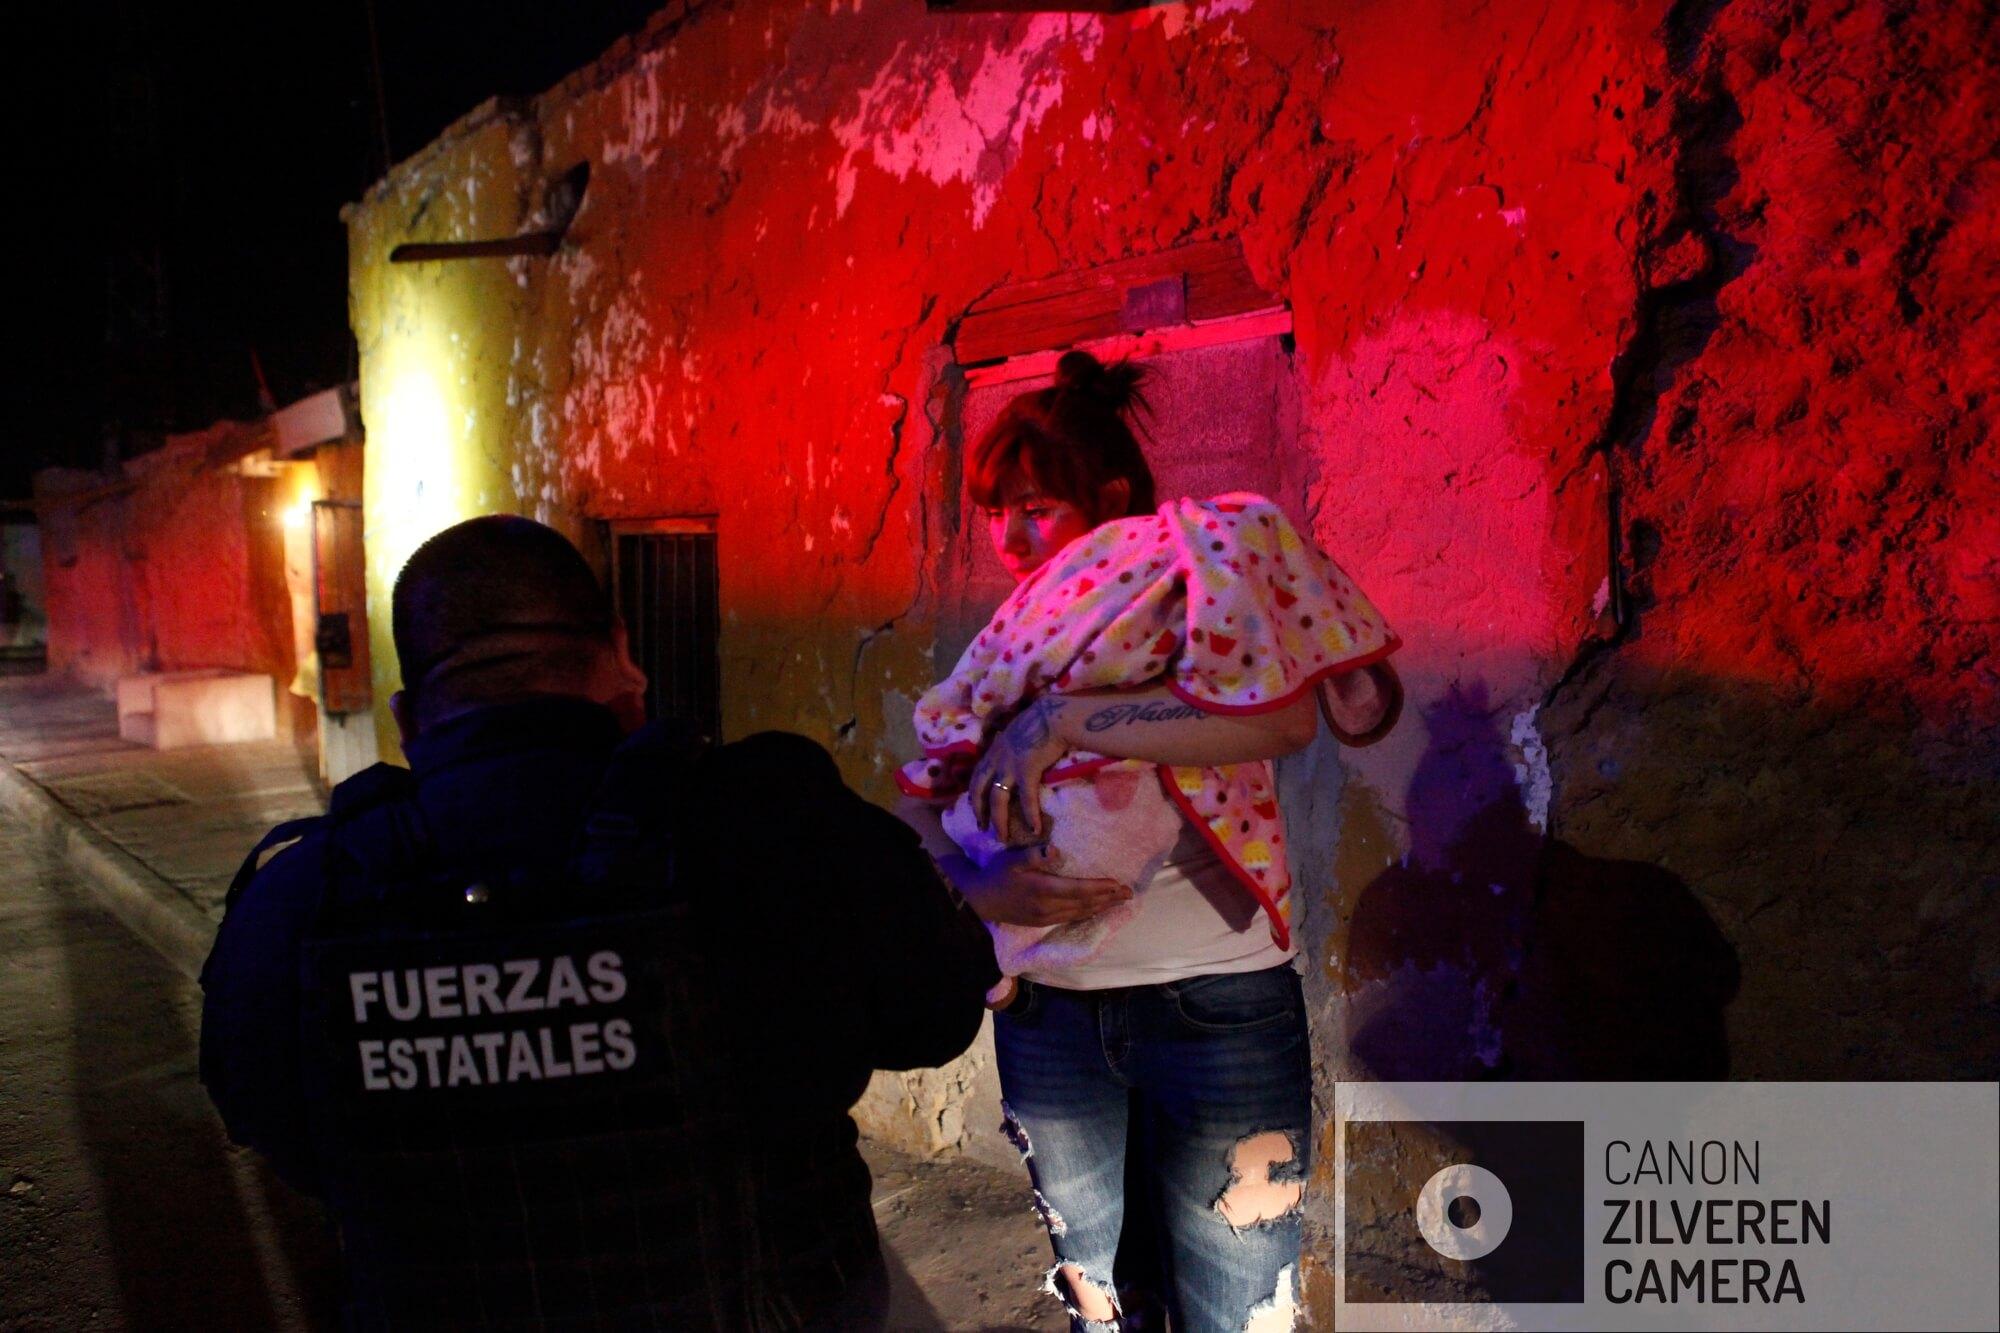 Tijdens een nachtelijke patrouille wordt de Staatspolitie opgeroepen door deze jonge moeder die door haar man werd mishandeld. Van deze laatste ontbreekt plotseling elk spoor.